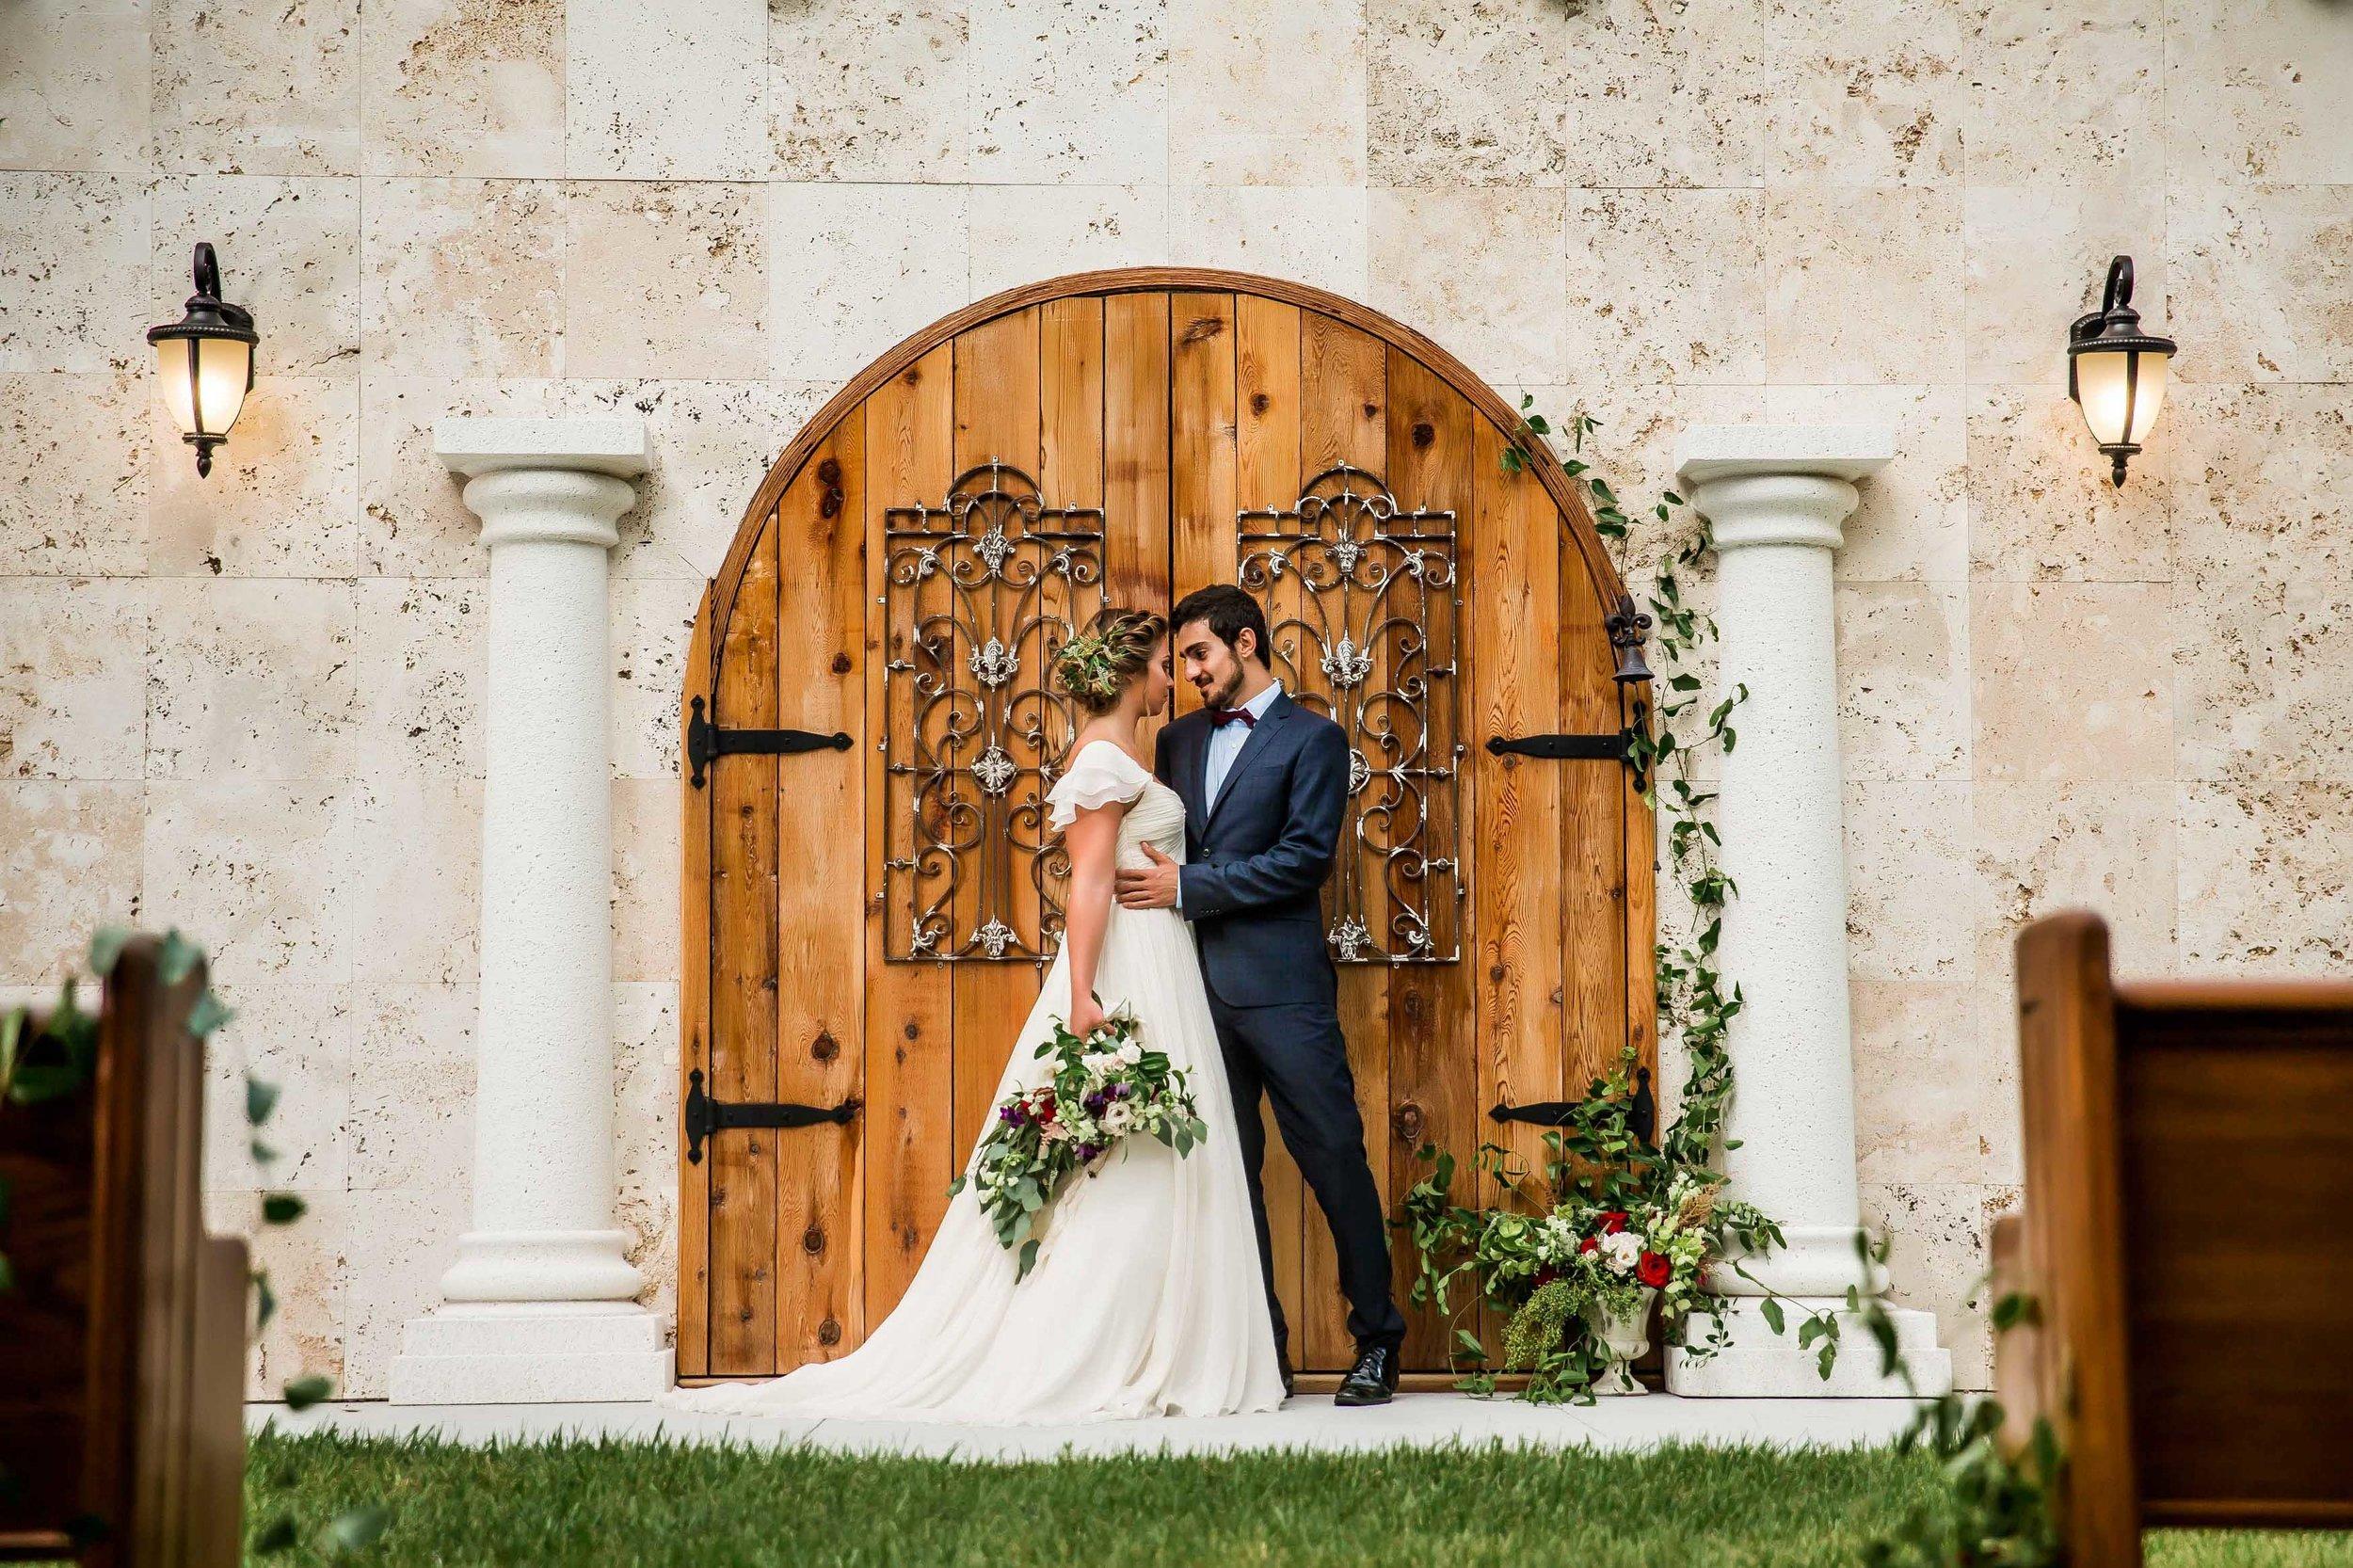 Bakers Ranch - Wedding Venue- Rustic elegance (16).jpg